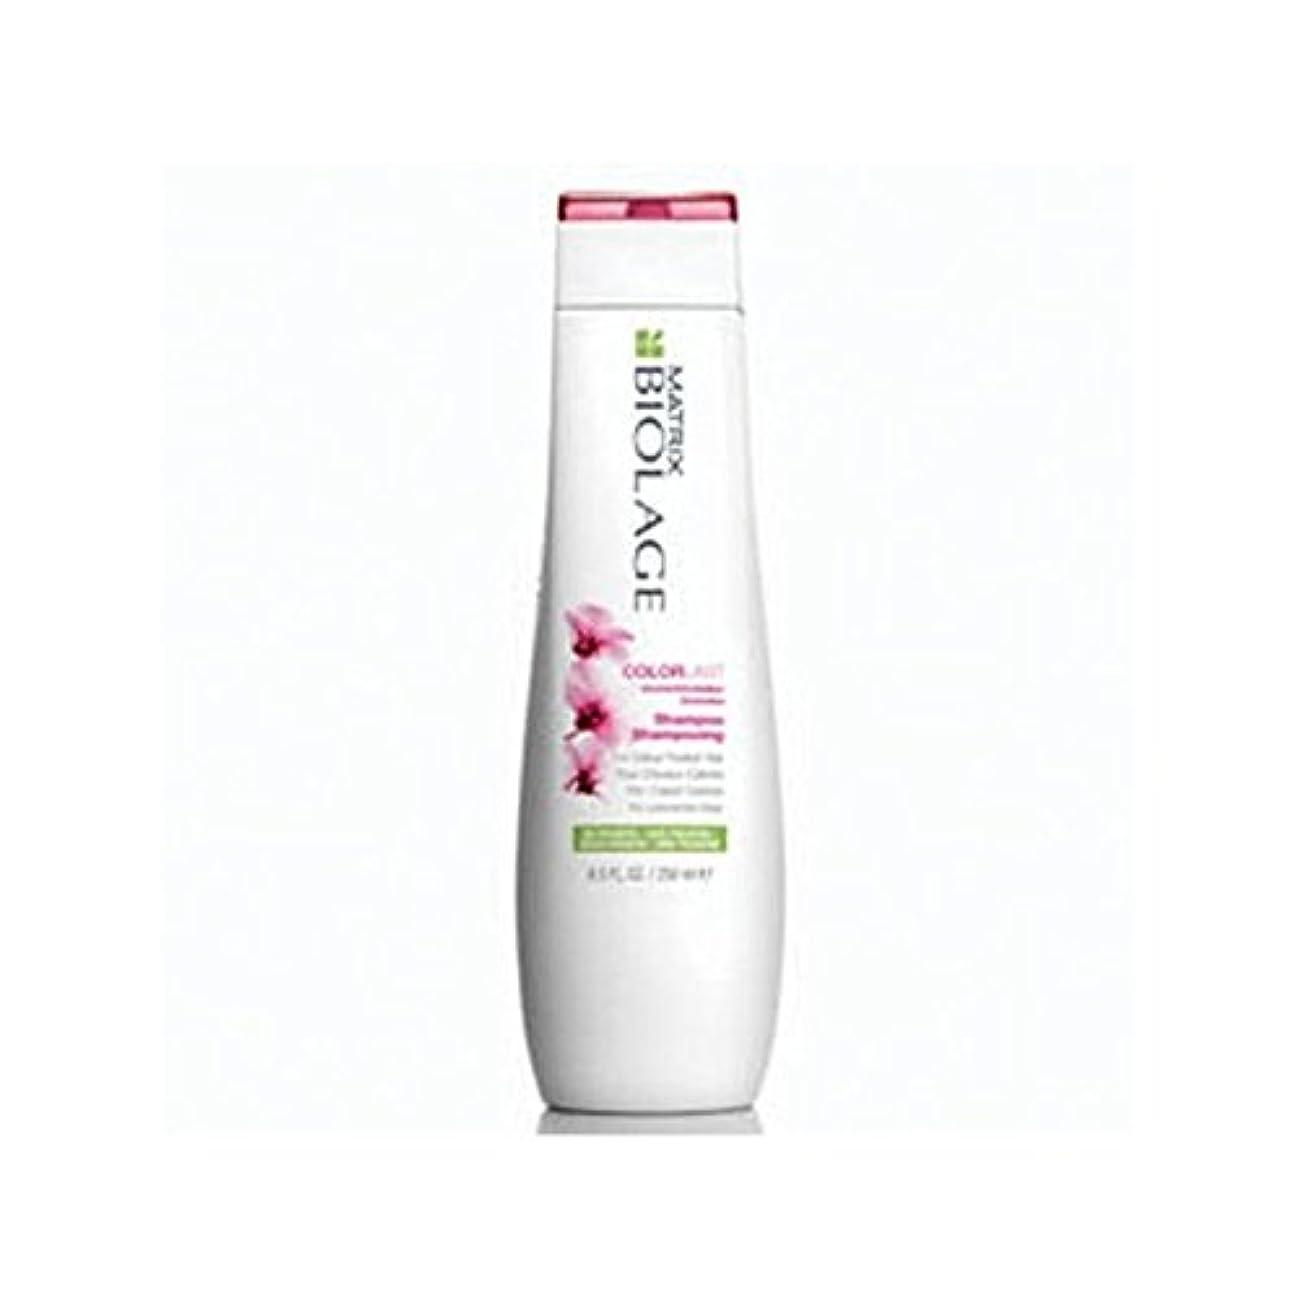 遊び場ミント疼痛マトリックスバイオレイジのシャンプー(250ミリリットル) x4 - Matrix Biolage Colorlast Shampoo (250ml) (Pack of 4) [並行輸入品]